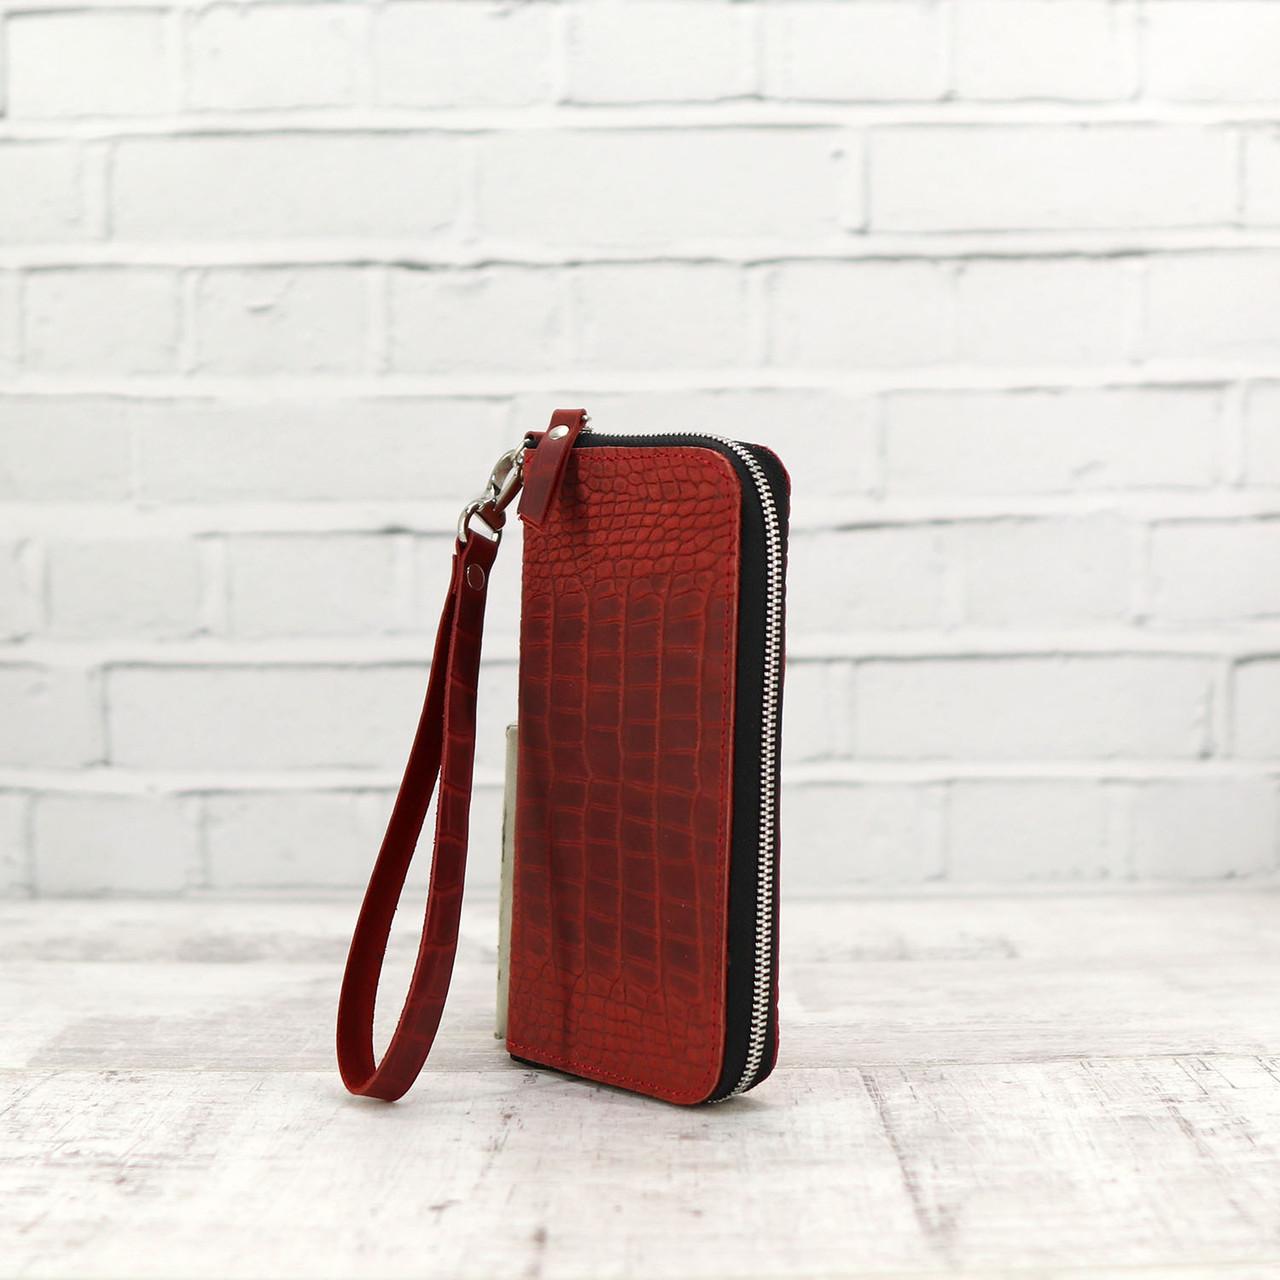 Кошелек Mihey kajman zip красный из натуральной кожи kayman 1270202